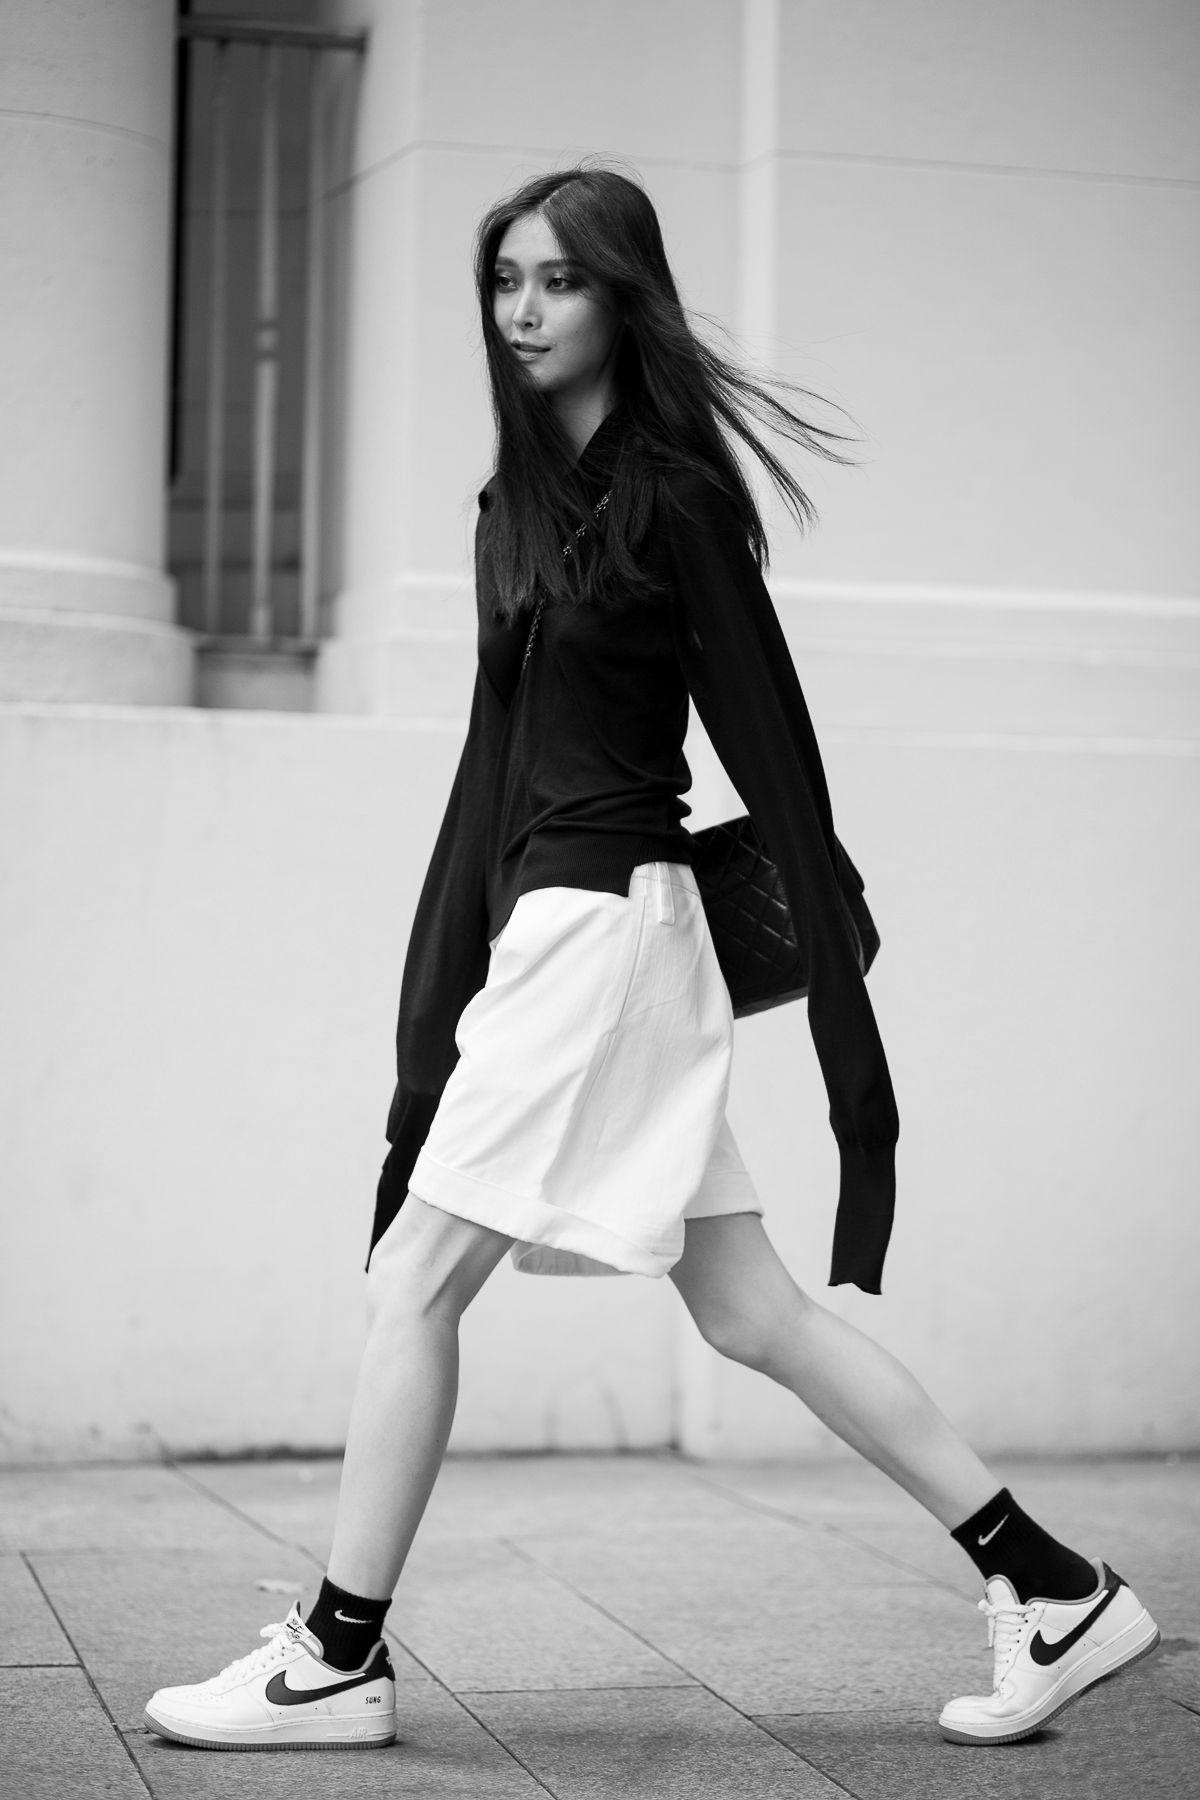 Sung Hee Kim, MFW F/W 2014 by Daniel Bruno Grandl.